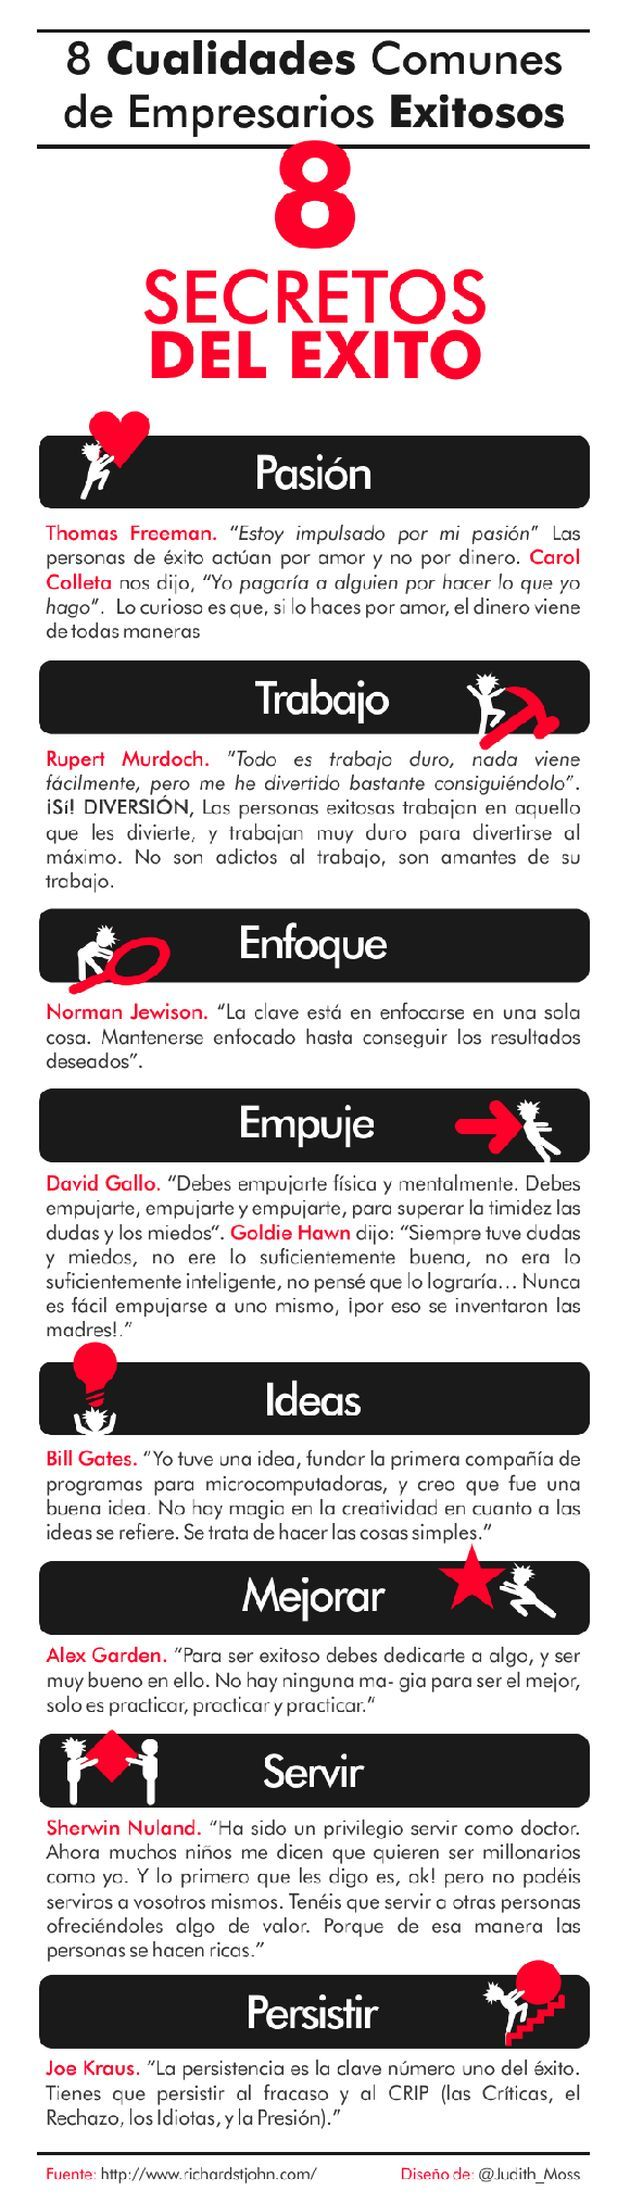 Una infografía en español con ocho cualidades comunes en emprendedores de éxito.